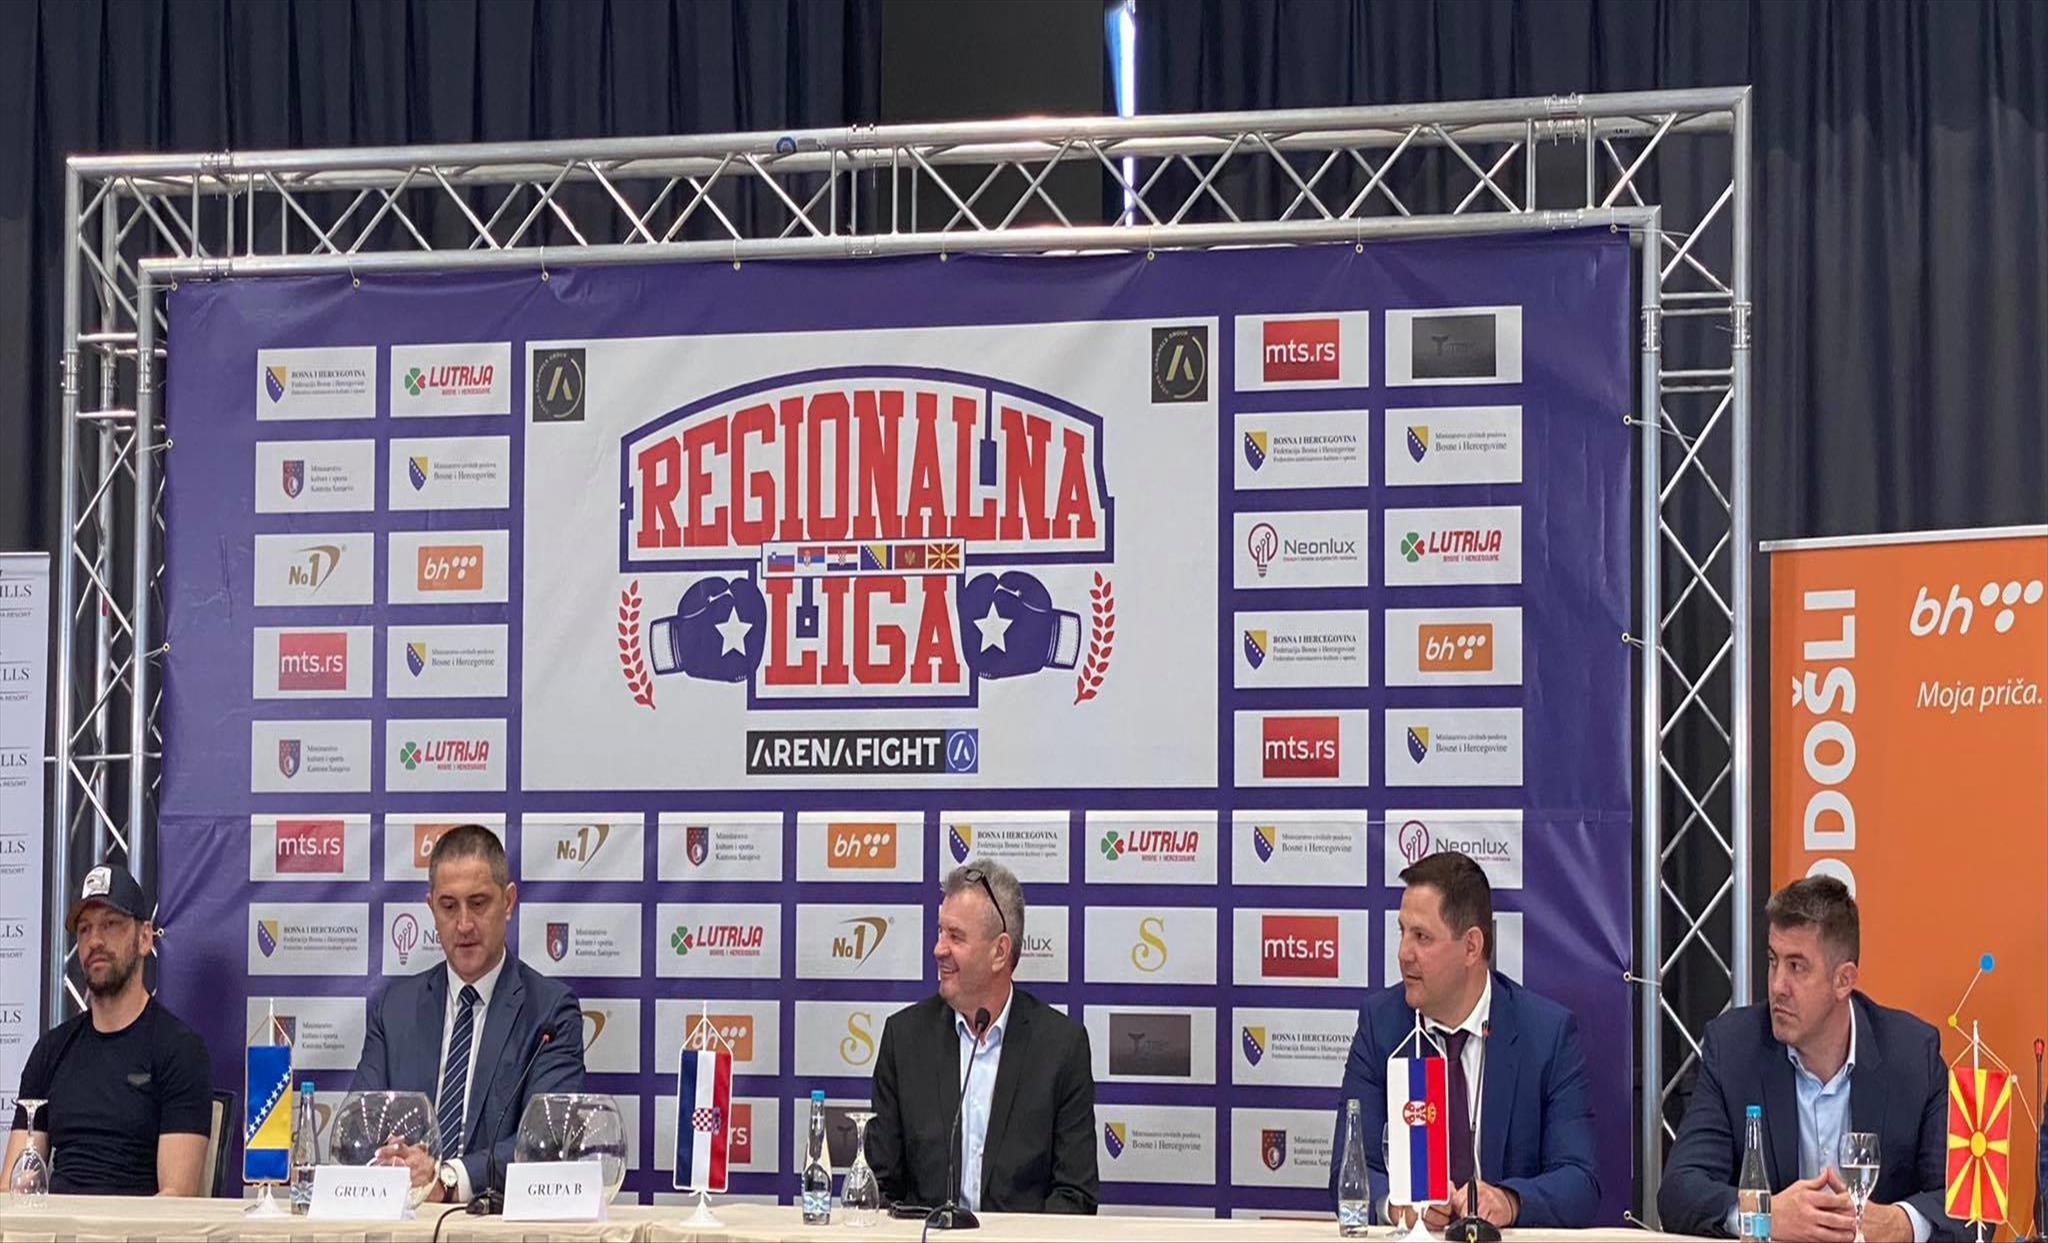 Слика од Формирана Регионална лига во бокс, Вардар во А-Групата